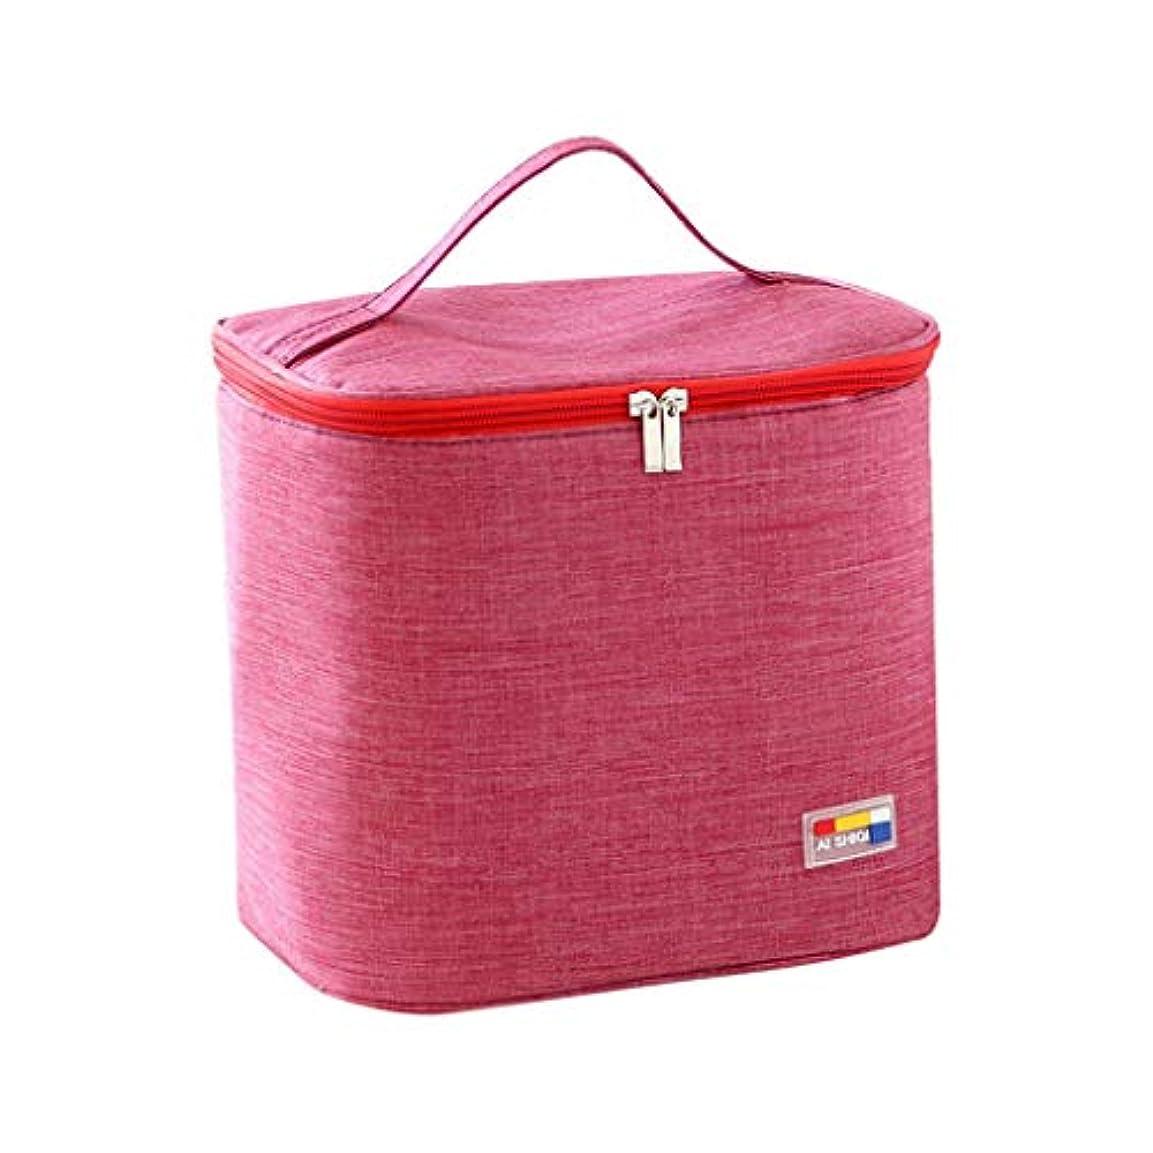 無声でハシーアラーム専用ランチバッグトートバッグ断熱性を向上キャンプに適していますシンプルなバッグイージーファッション絶縁バッグ冷蔵バッグポケットを描く冷却ハンドバッグ防水ハンドバッグ (A)